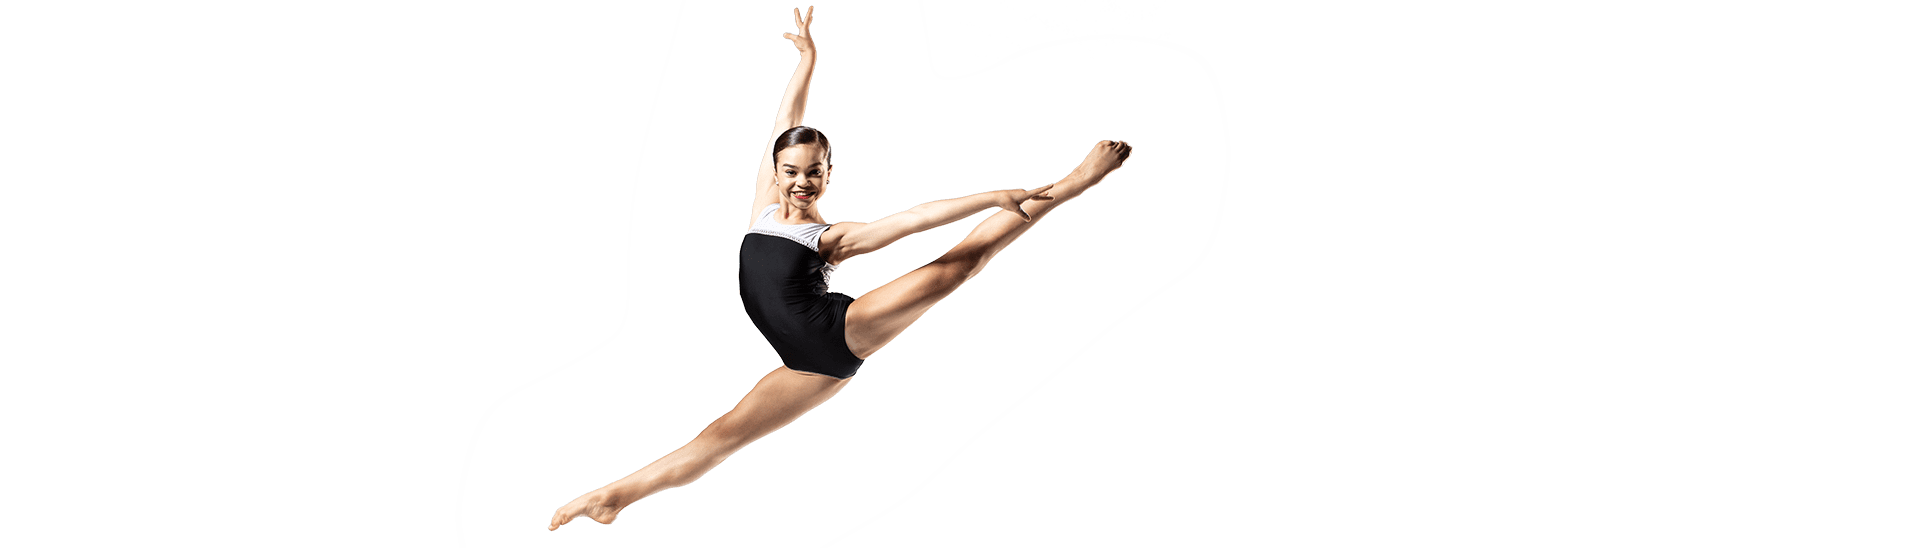 Starbound ballet